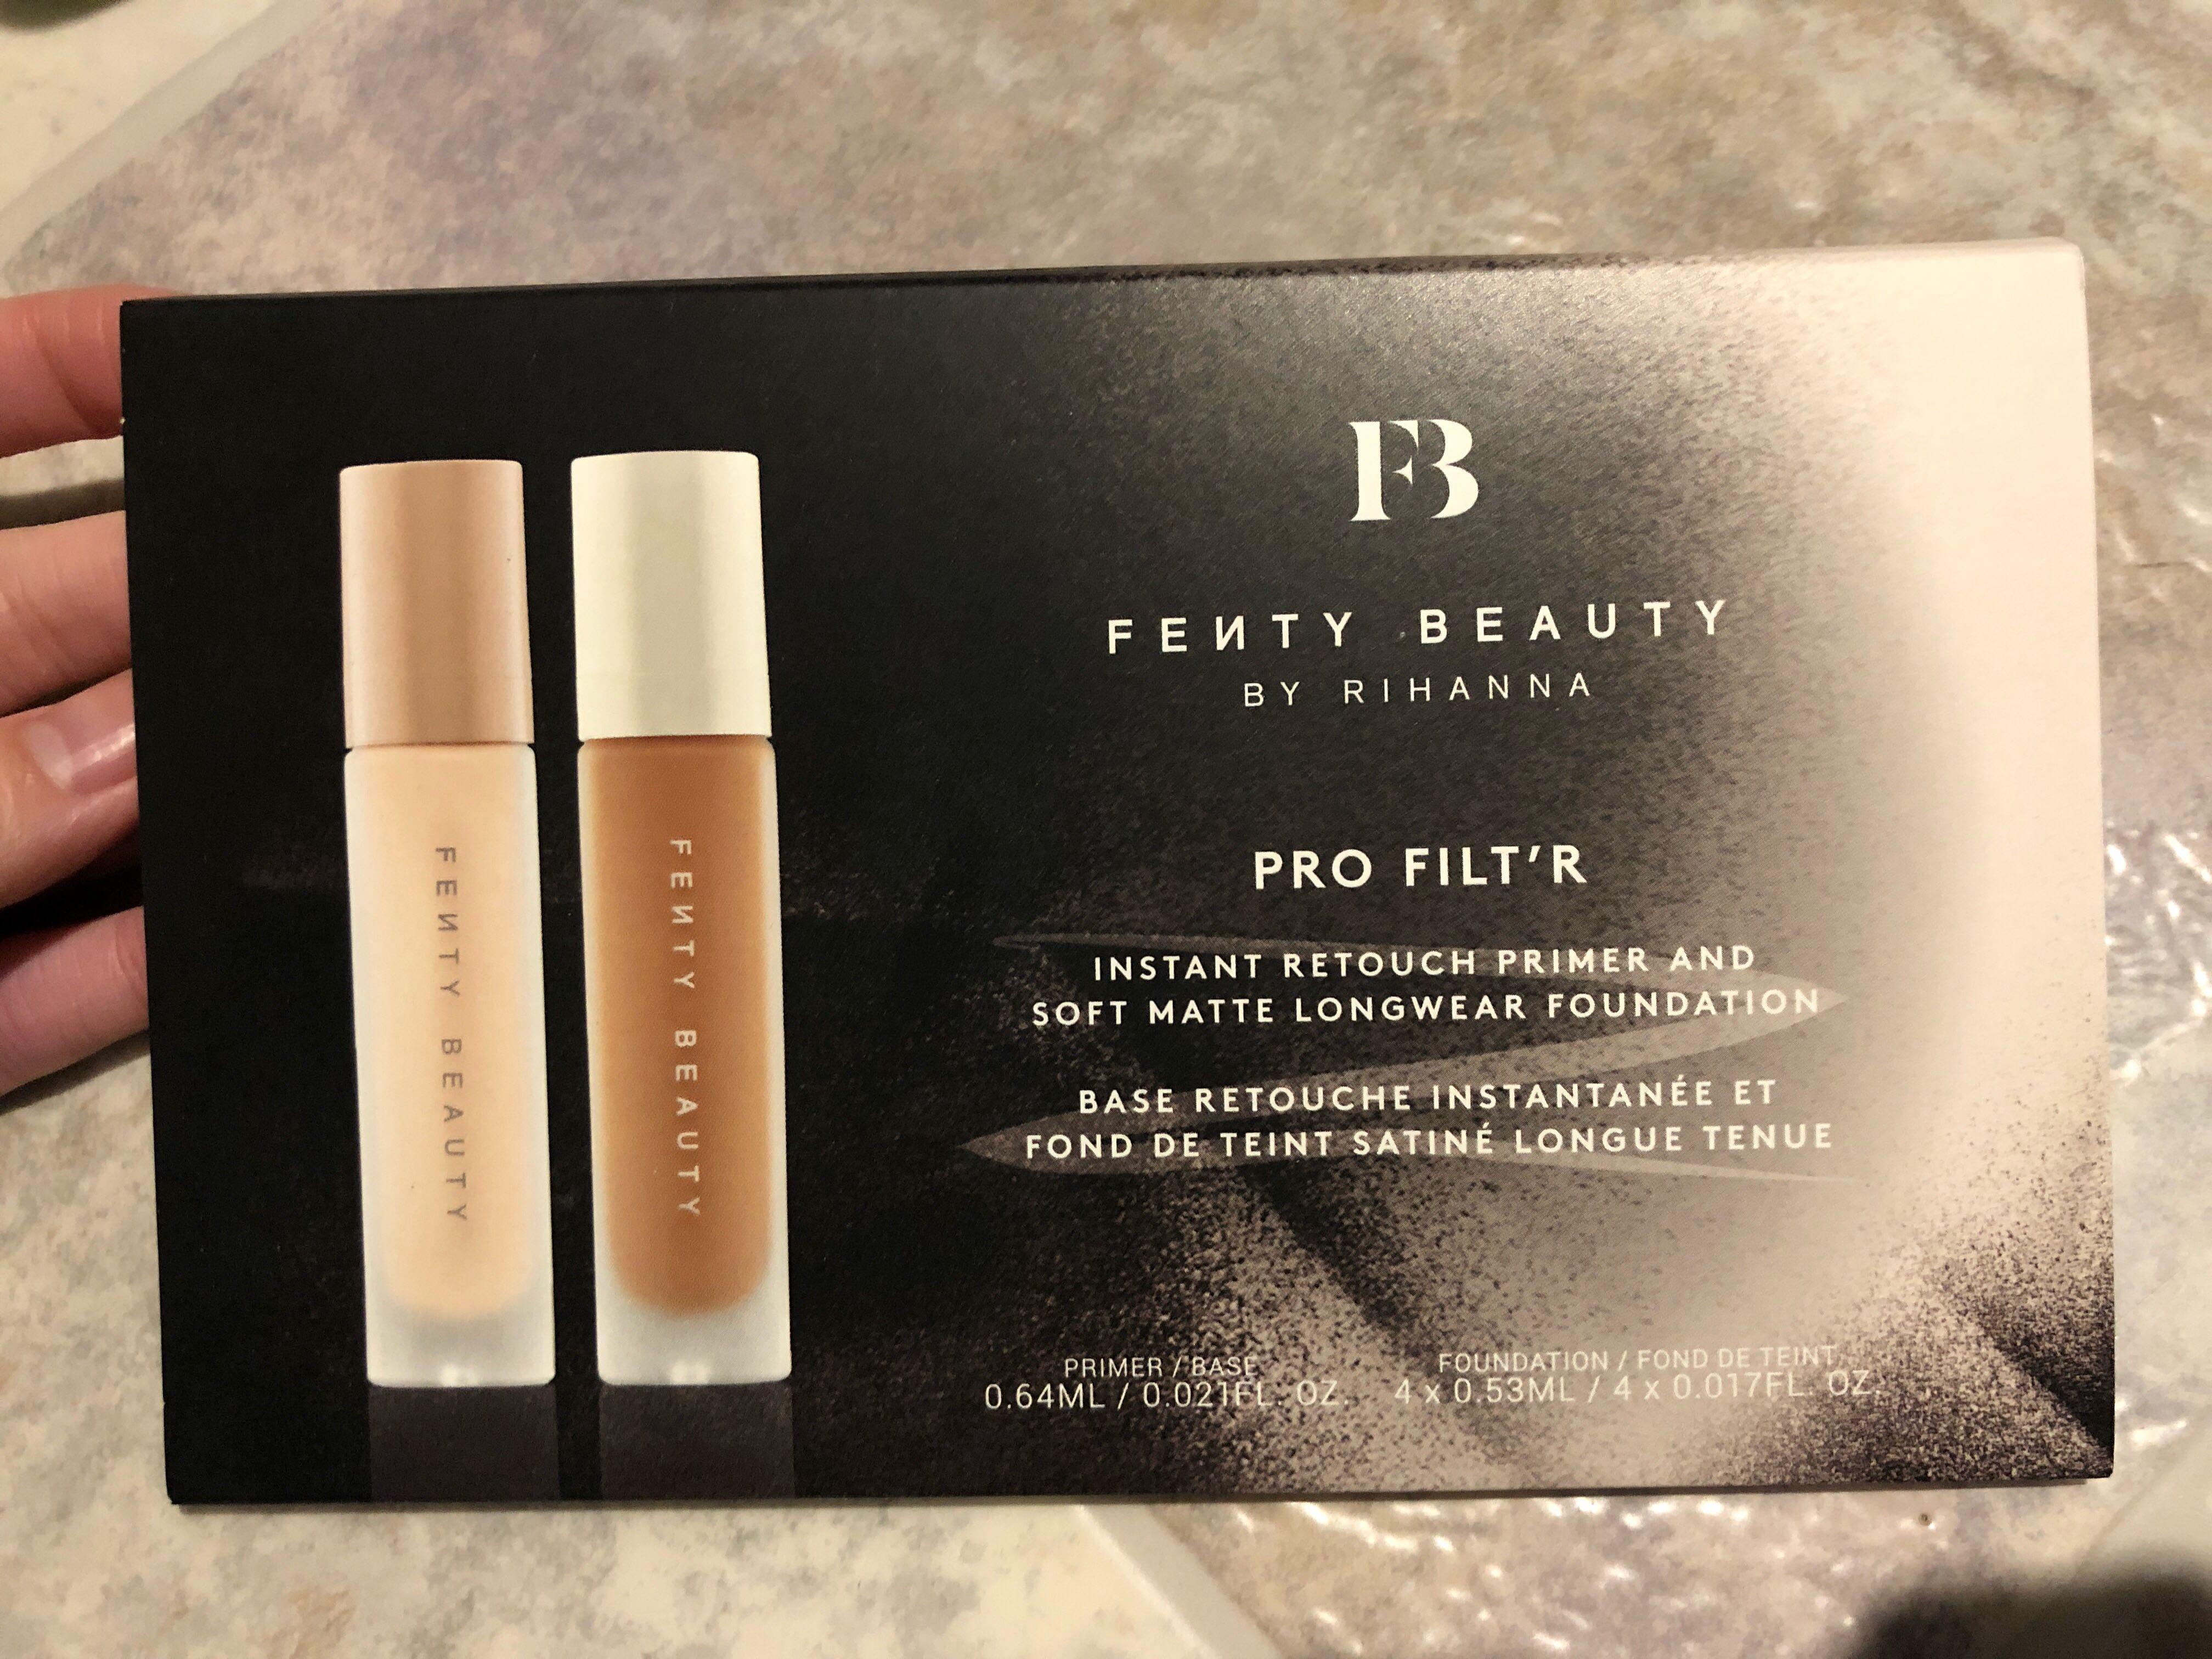 Fenty Beauty Rihanna pro filter primer and foundation